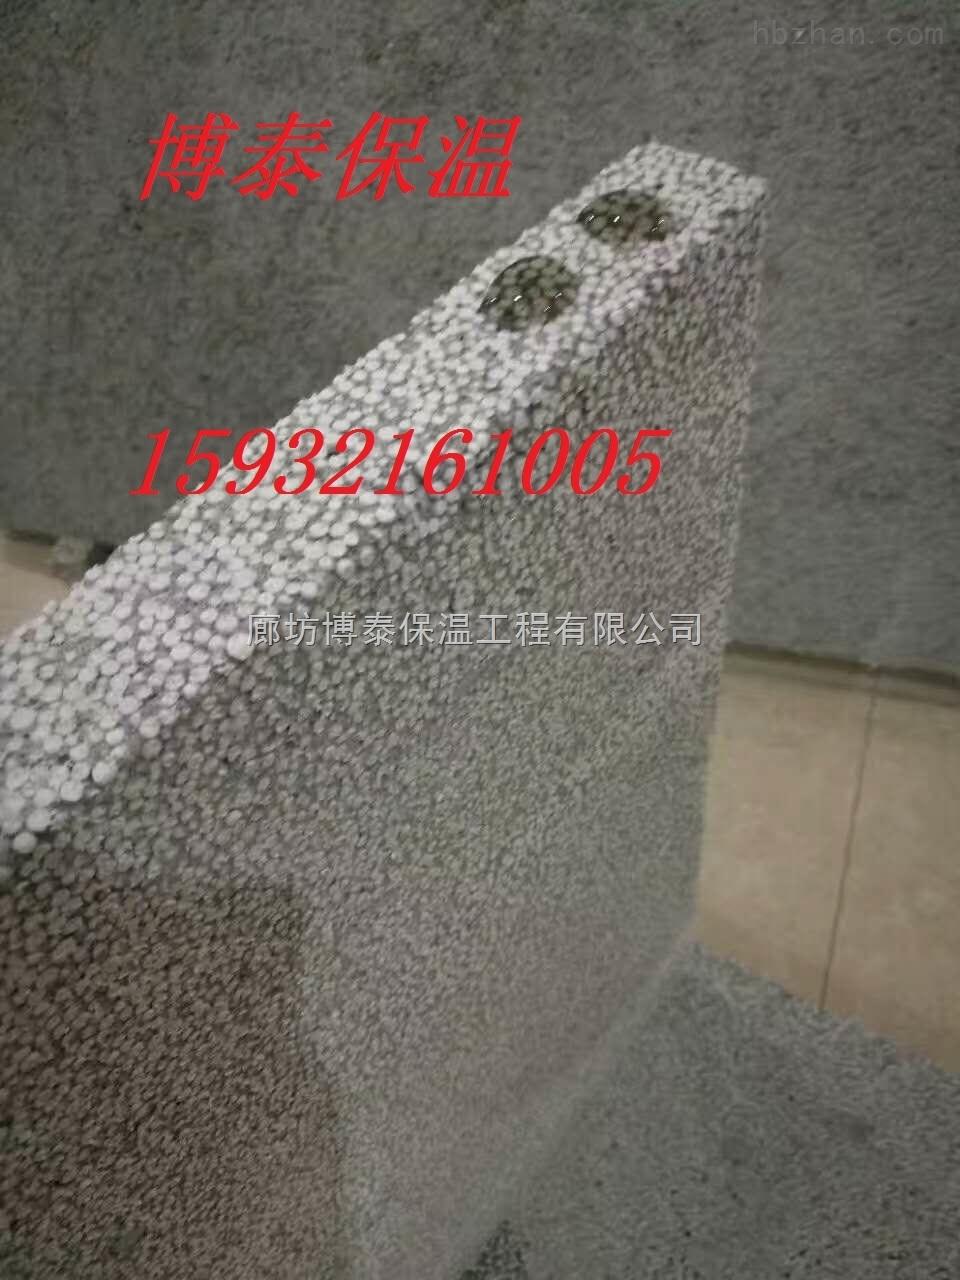 硅质聚苯板厂家使用优势